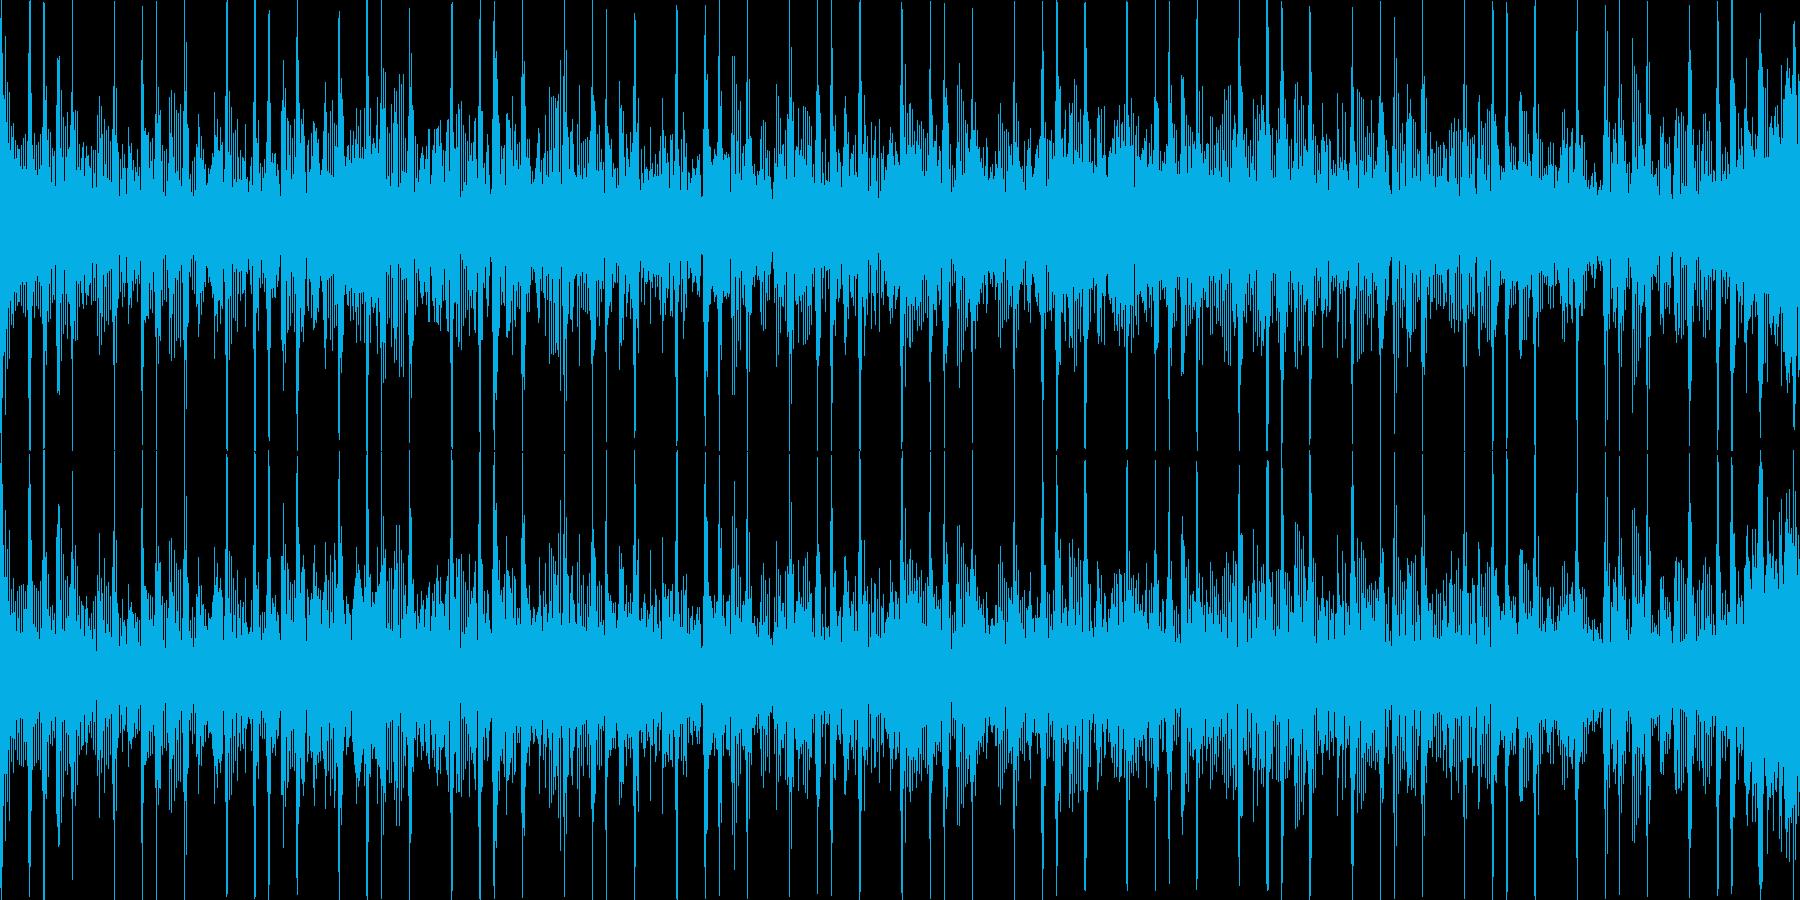 ベースリフBGM(ループ)ホラー系の再生済みの波形